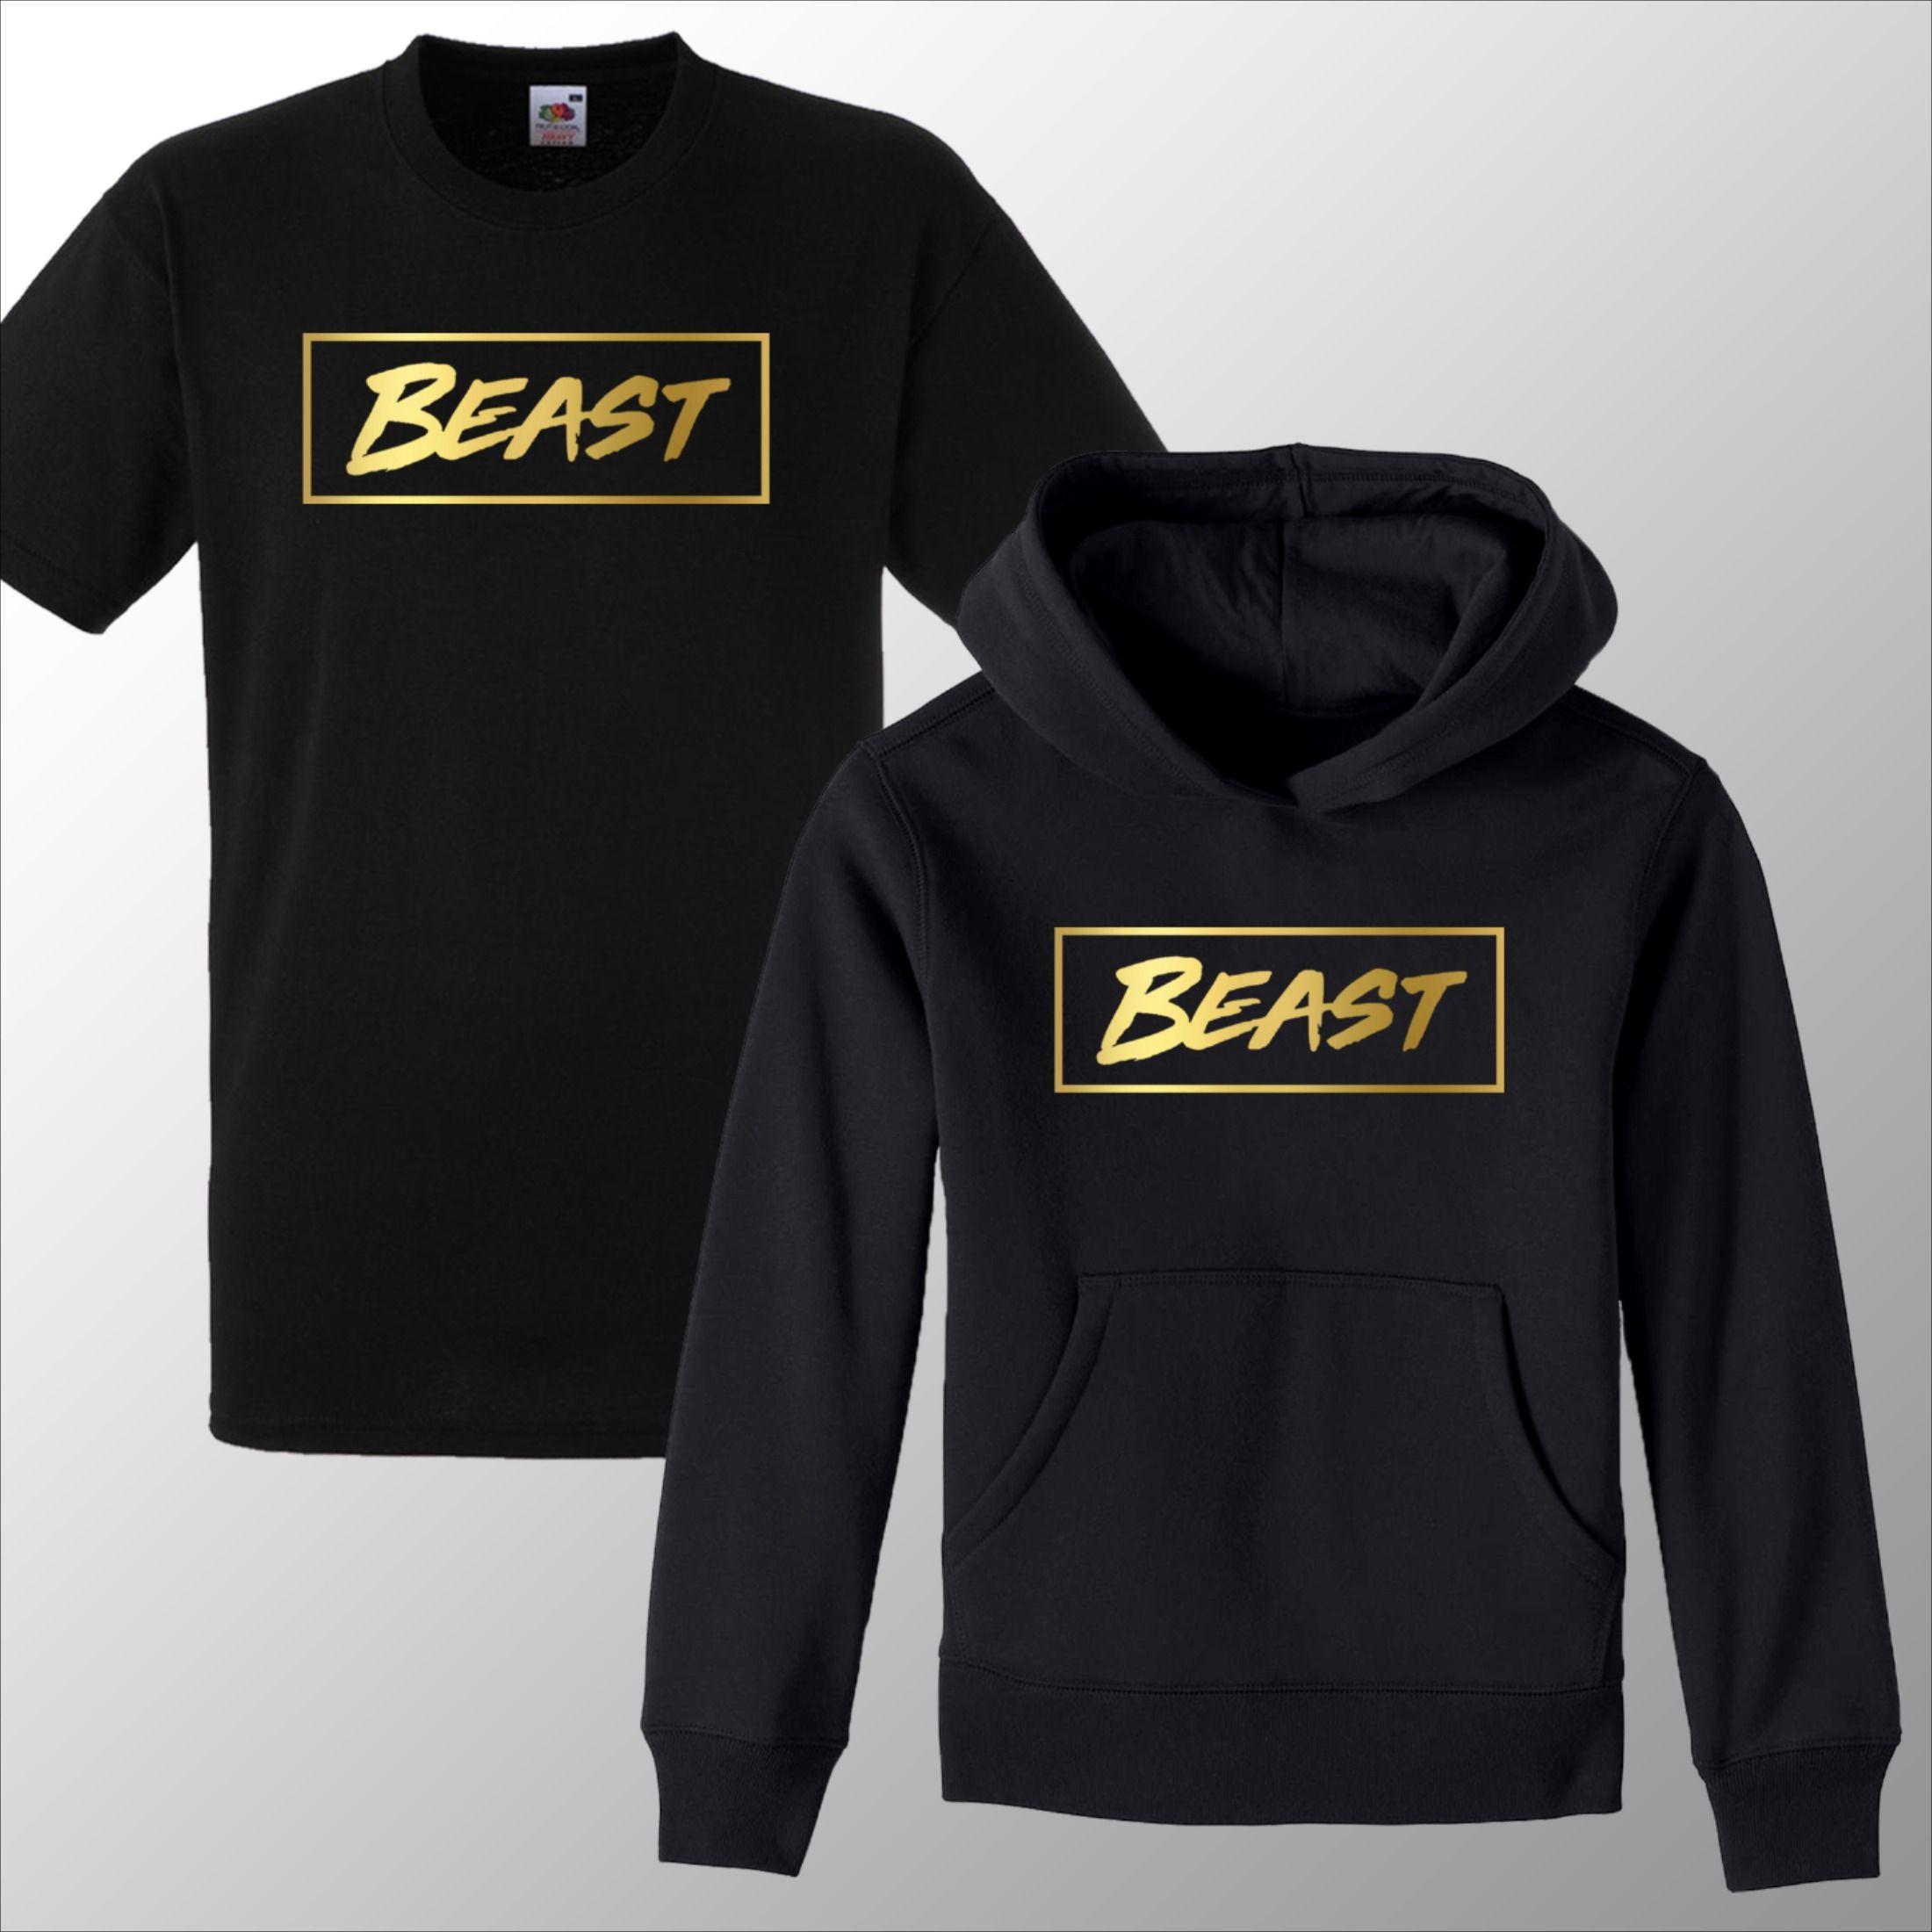 Mr Beast Hoody Youtuber Beast Hoodie Pullover Kids Adults UNISEX Black